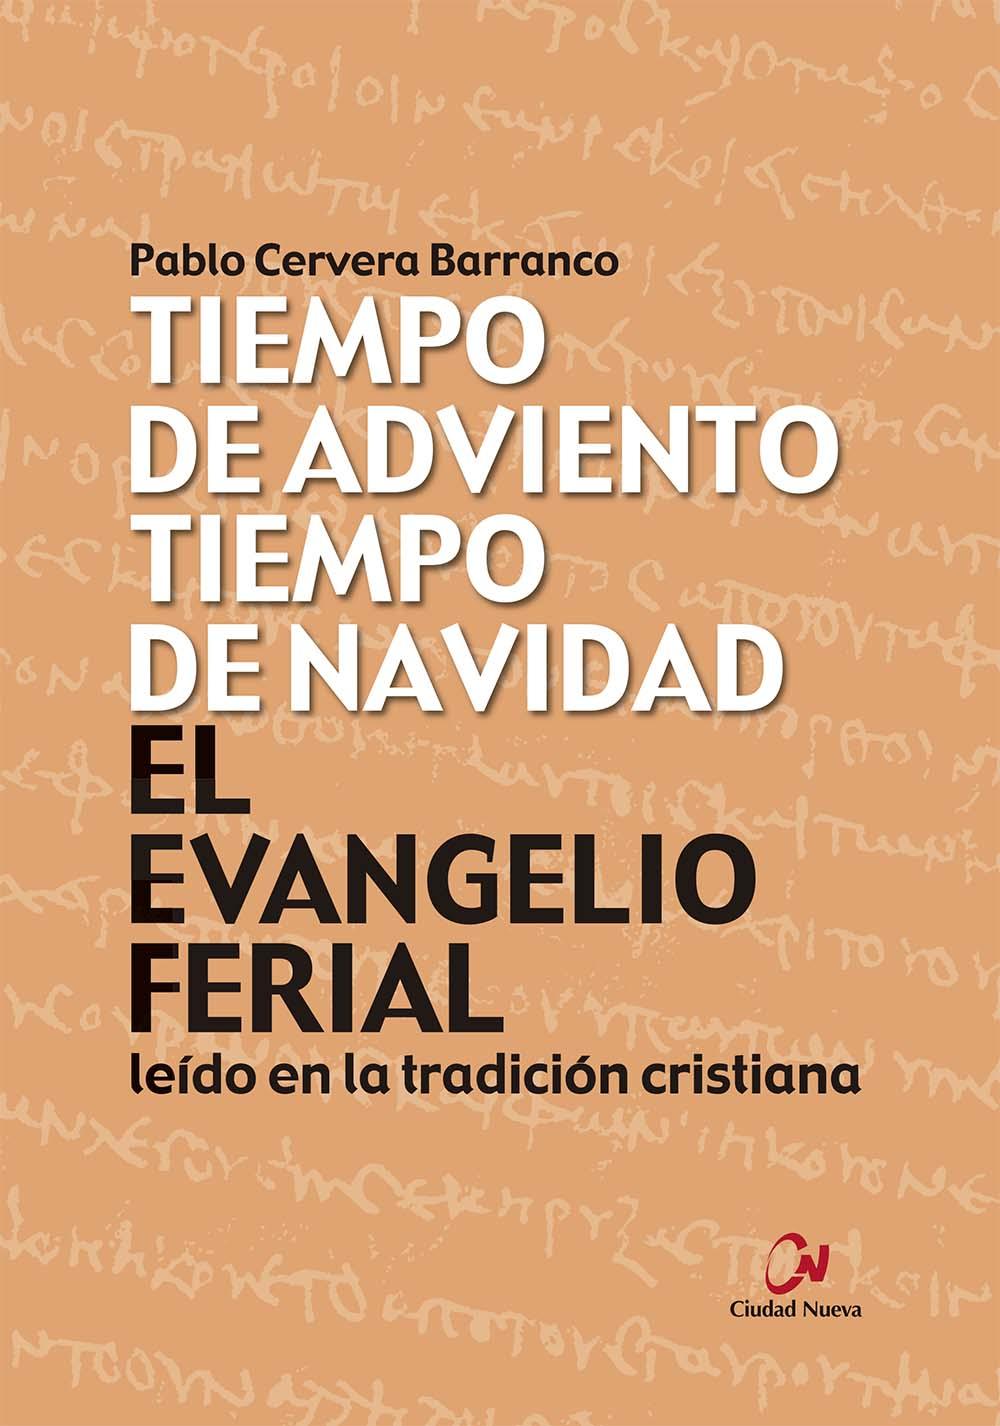 el-evangelio-ferial-leido-en-la-tradicion-cristiana-tiempo-de-adviento-tiempo-de-navidad